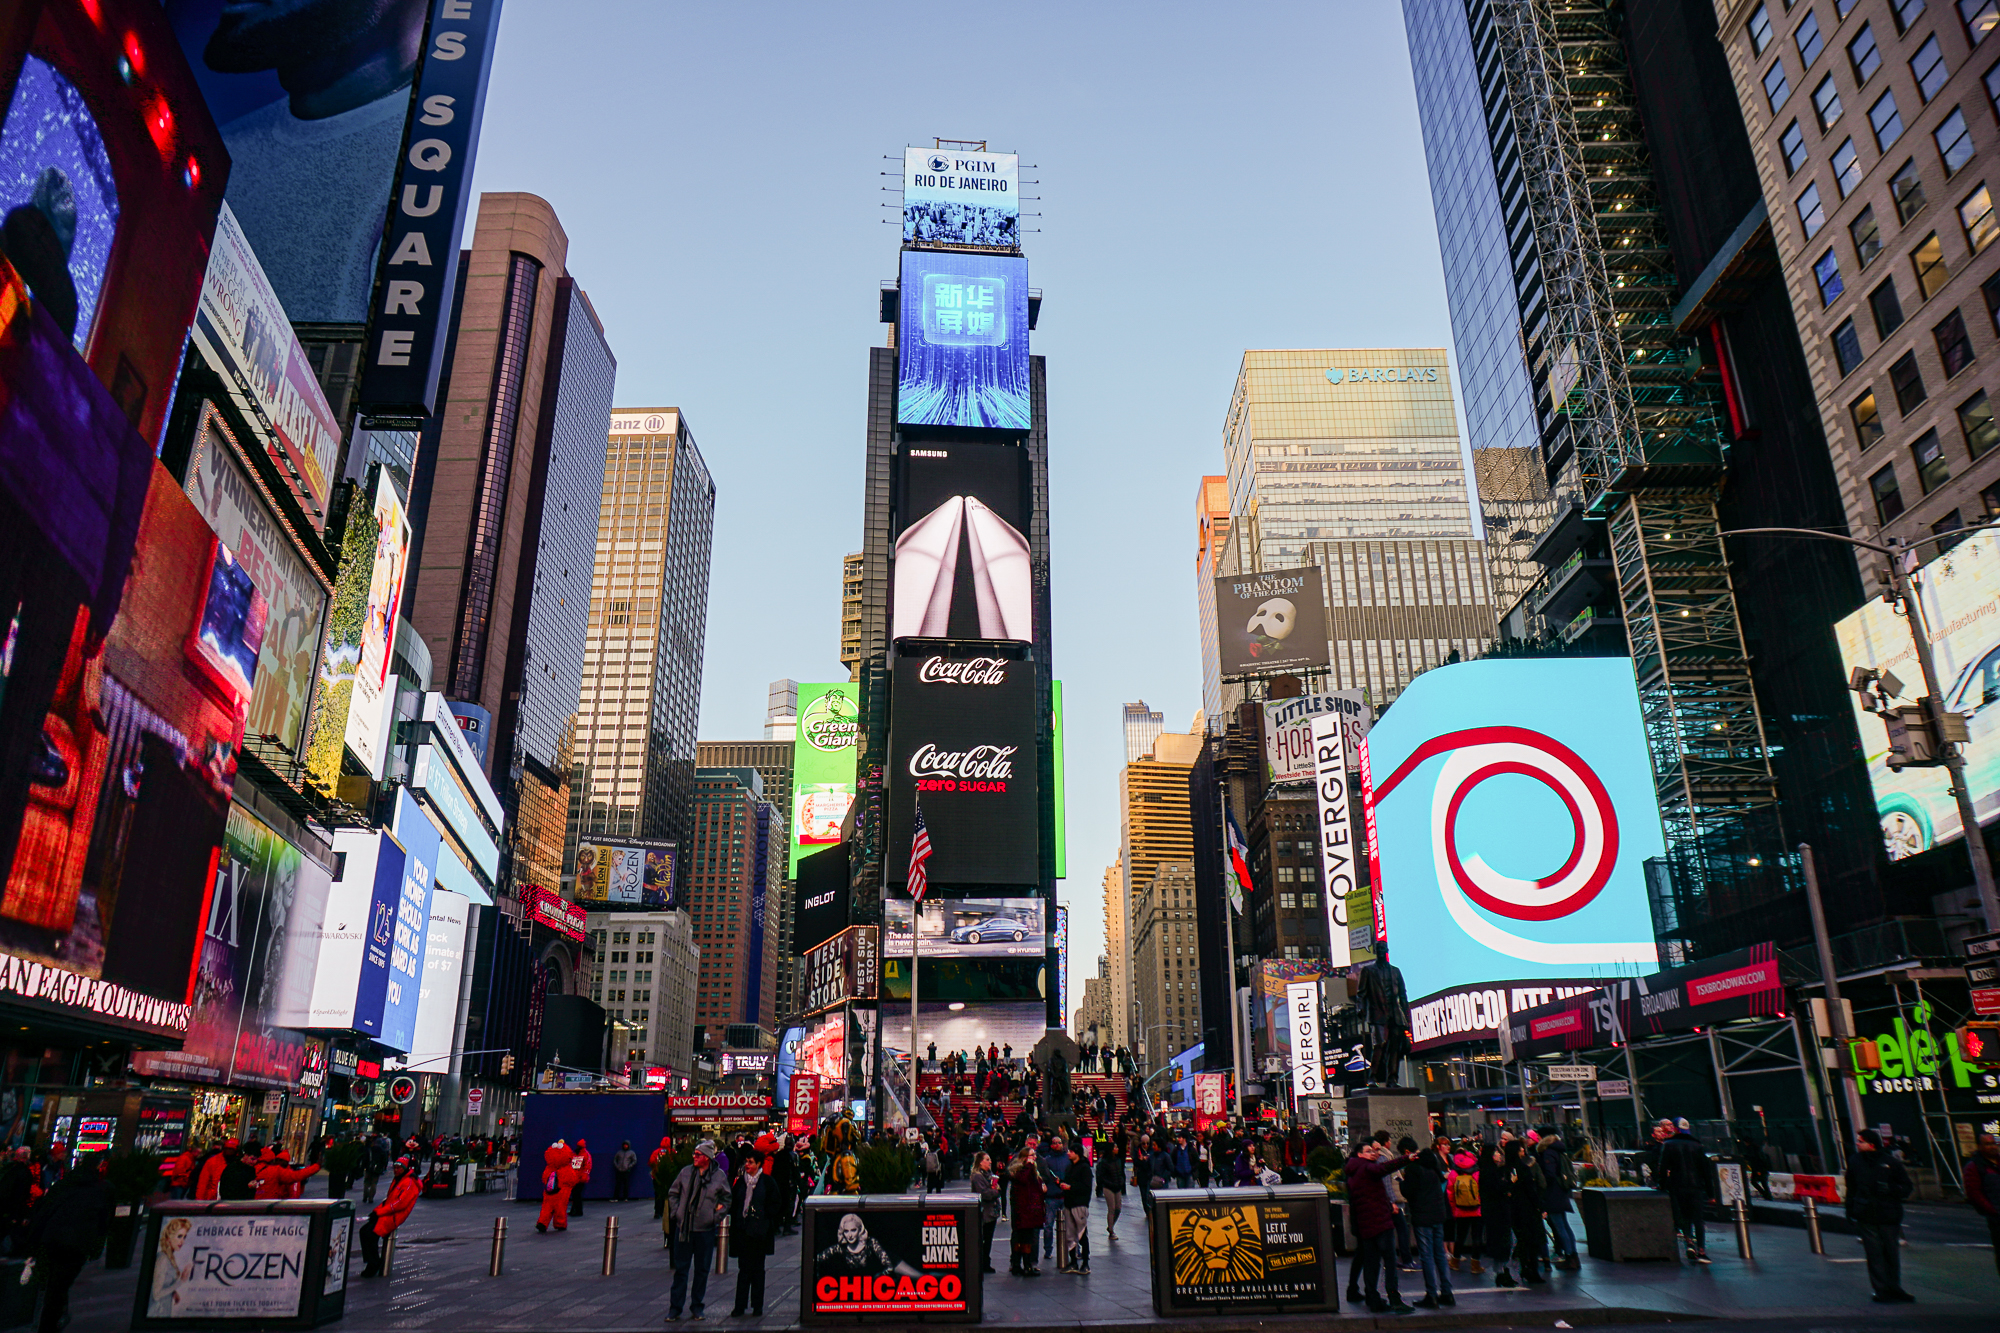 Foto da Times Square de Nova York durante o dia, com as lojas e os telões já começando a acender